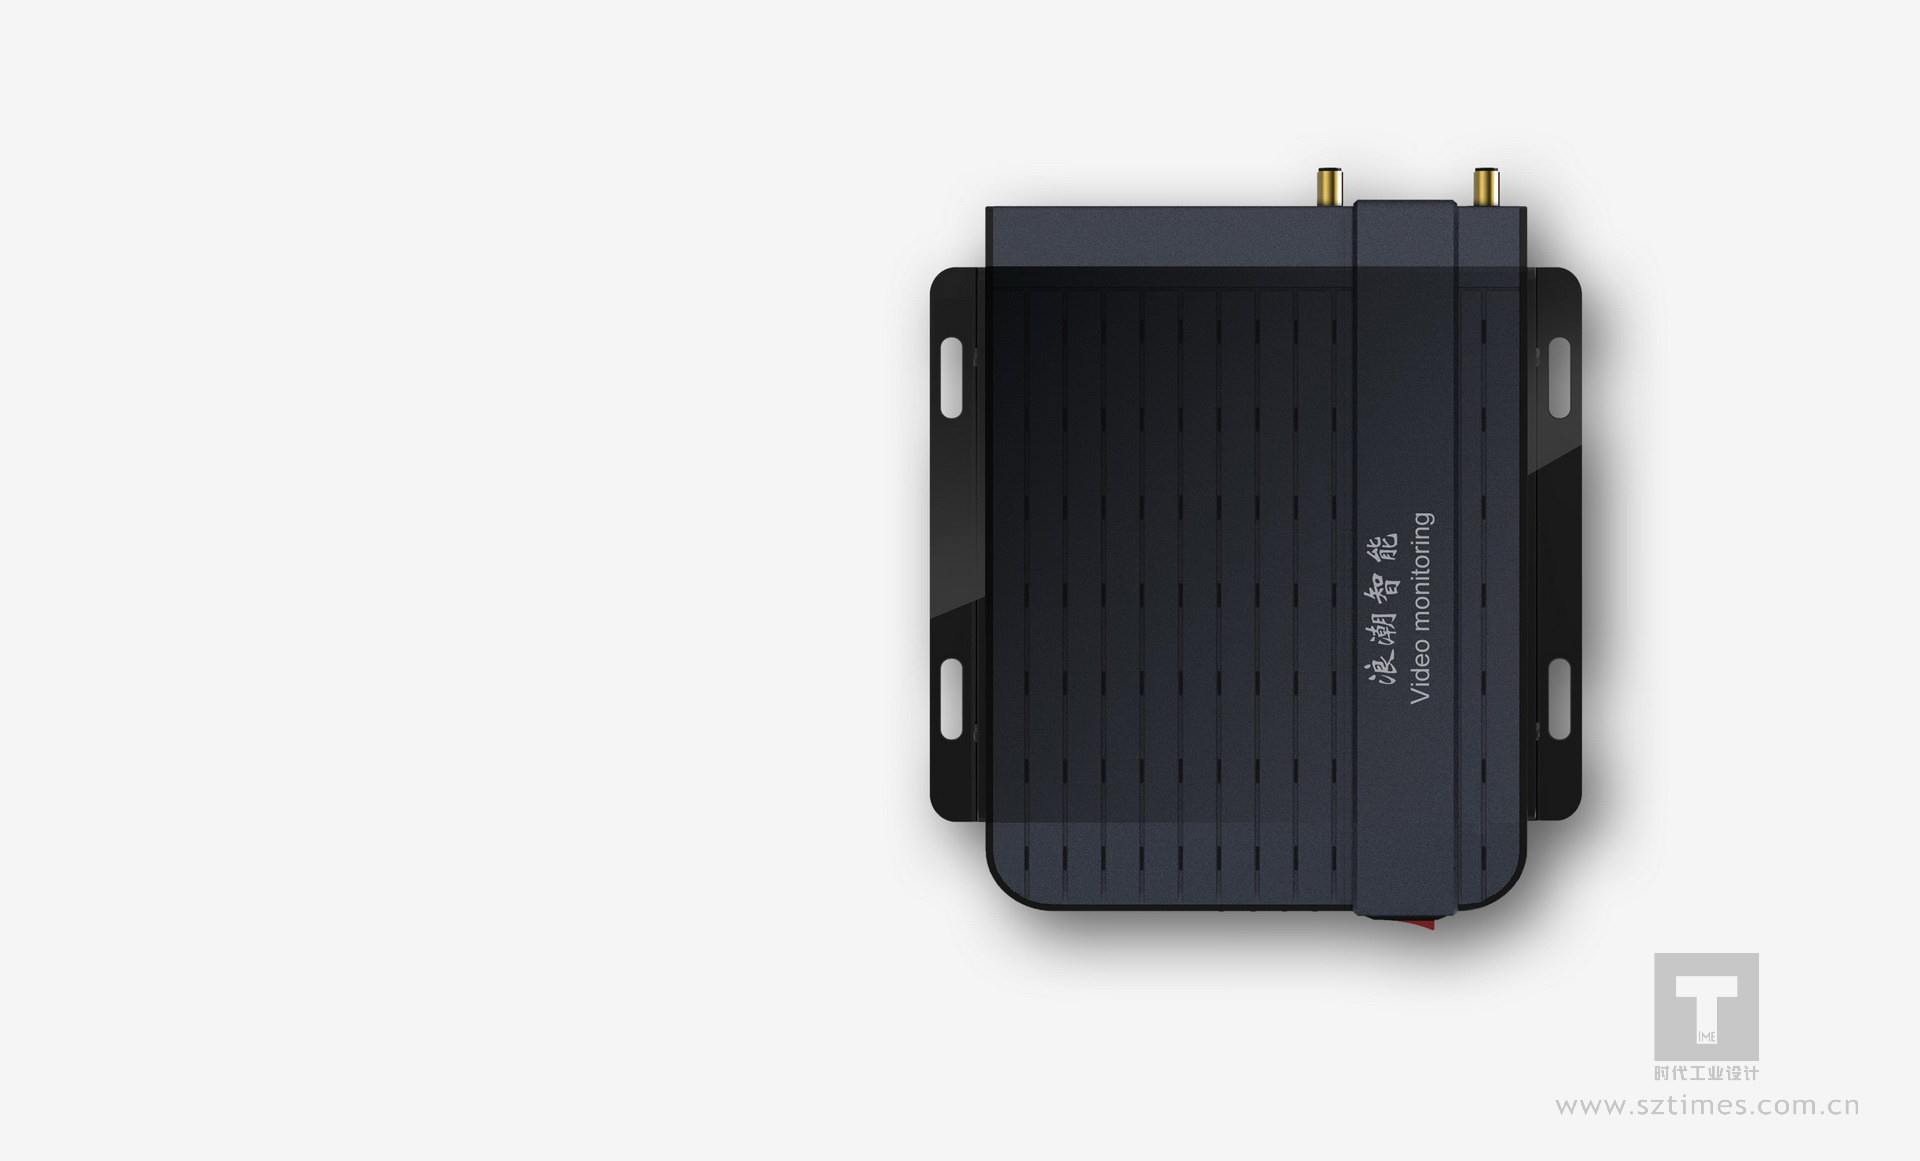 N8视频监控器透视图--A (4).JPG